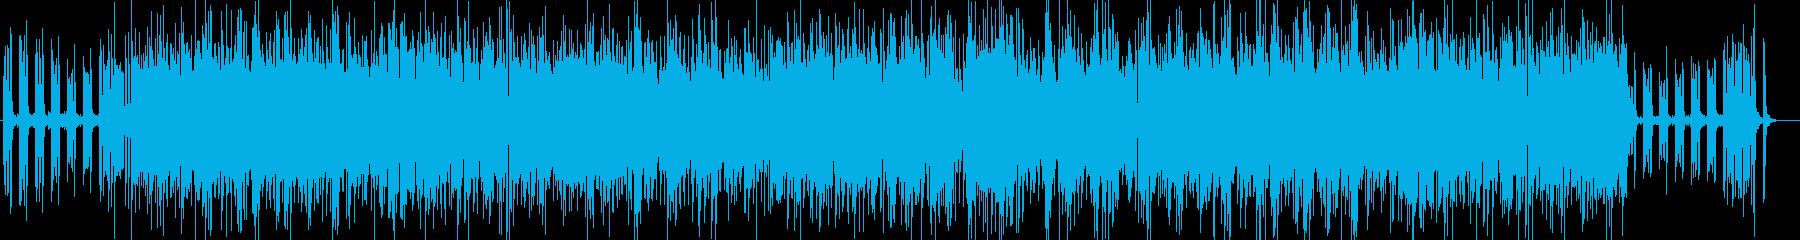 爽やかなボサノバジャズのbgmの再生済みの波形